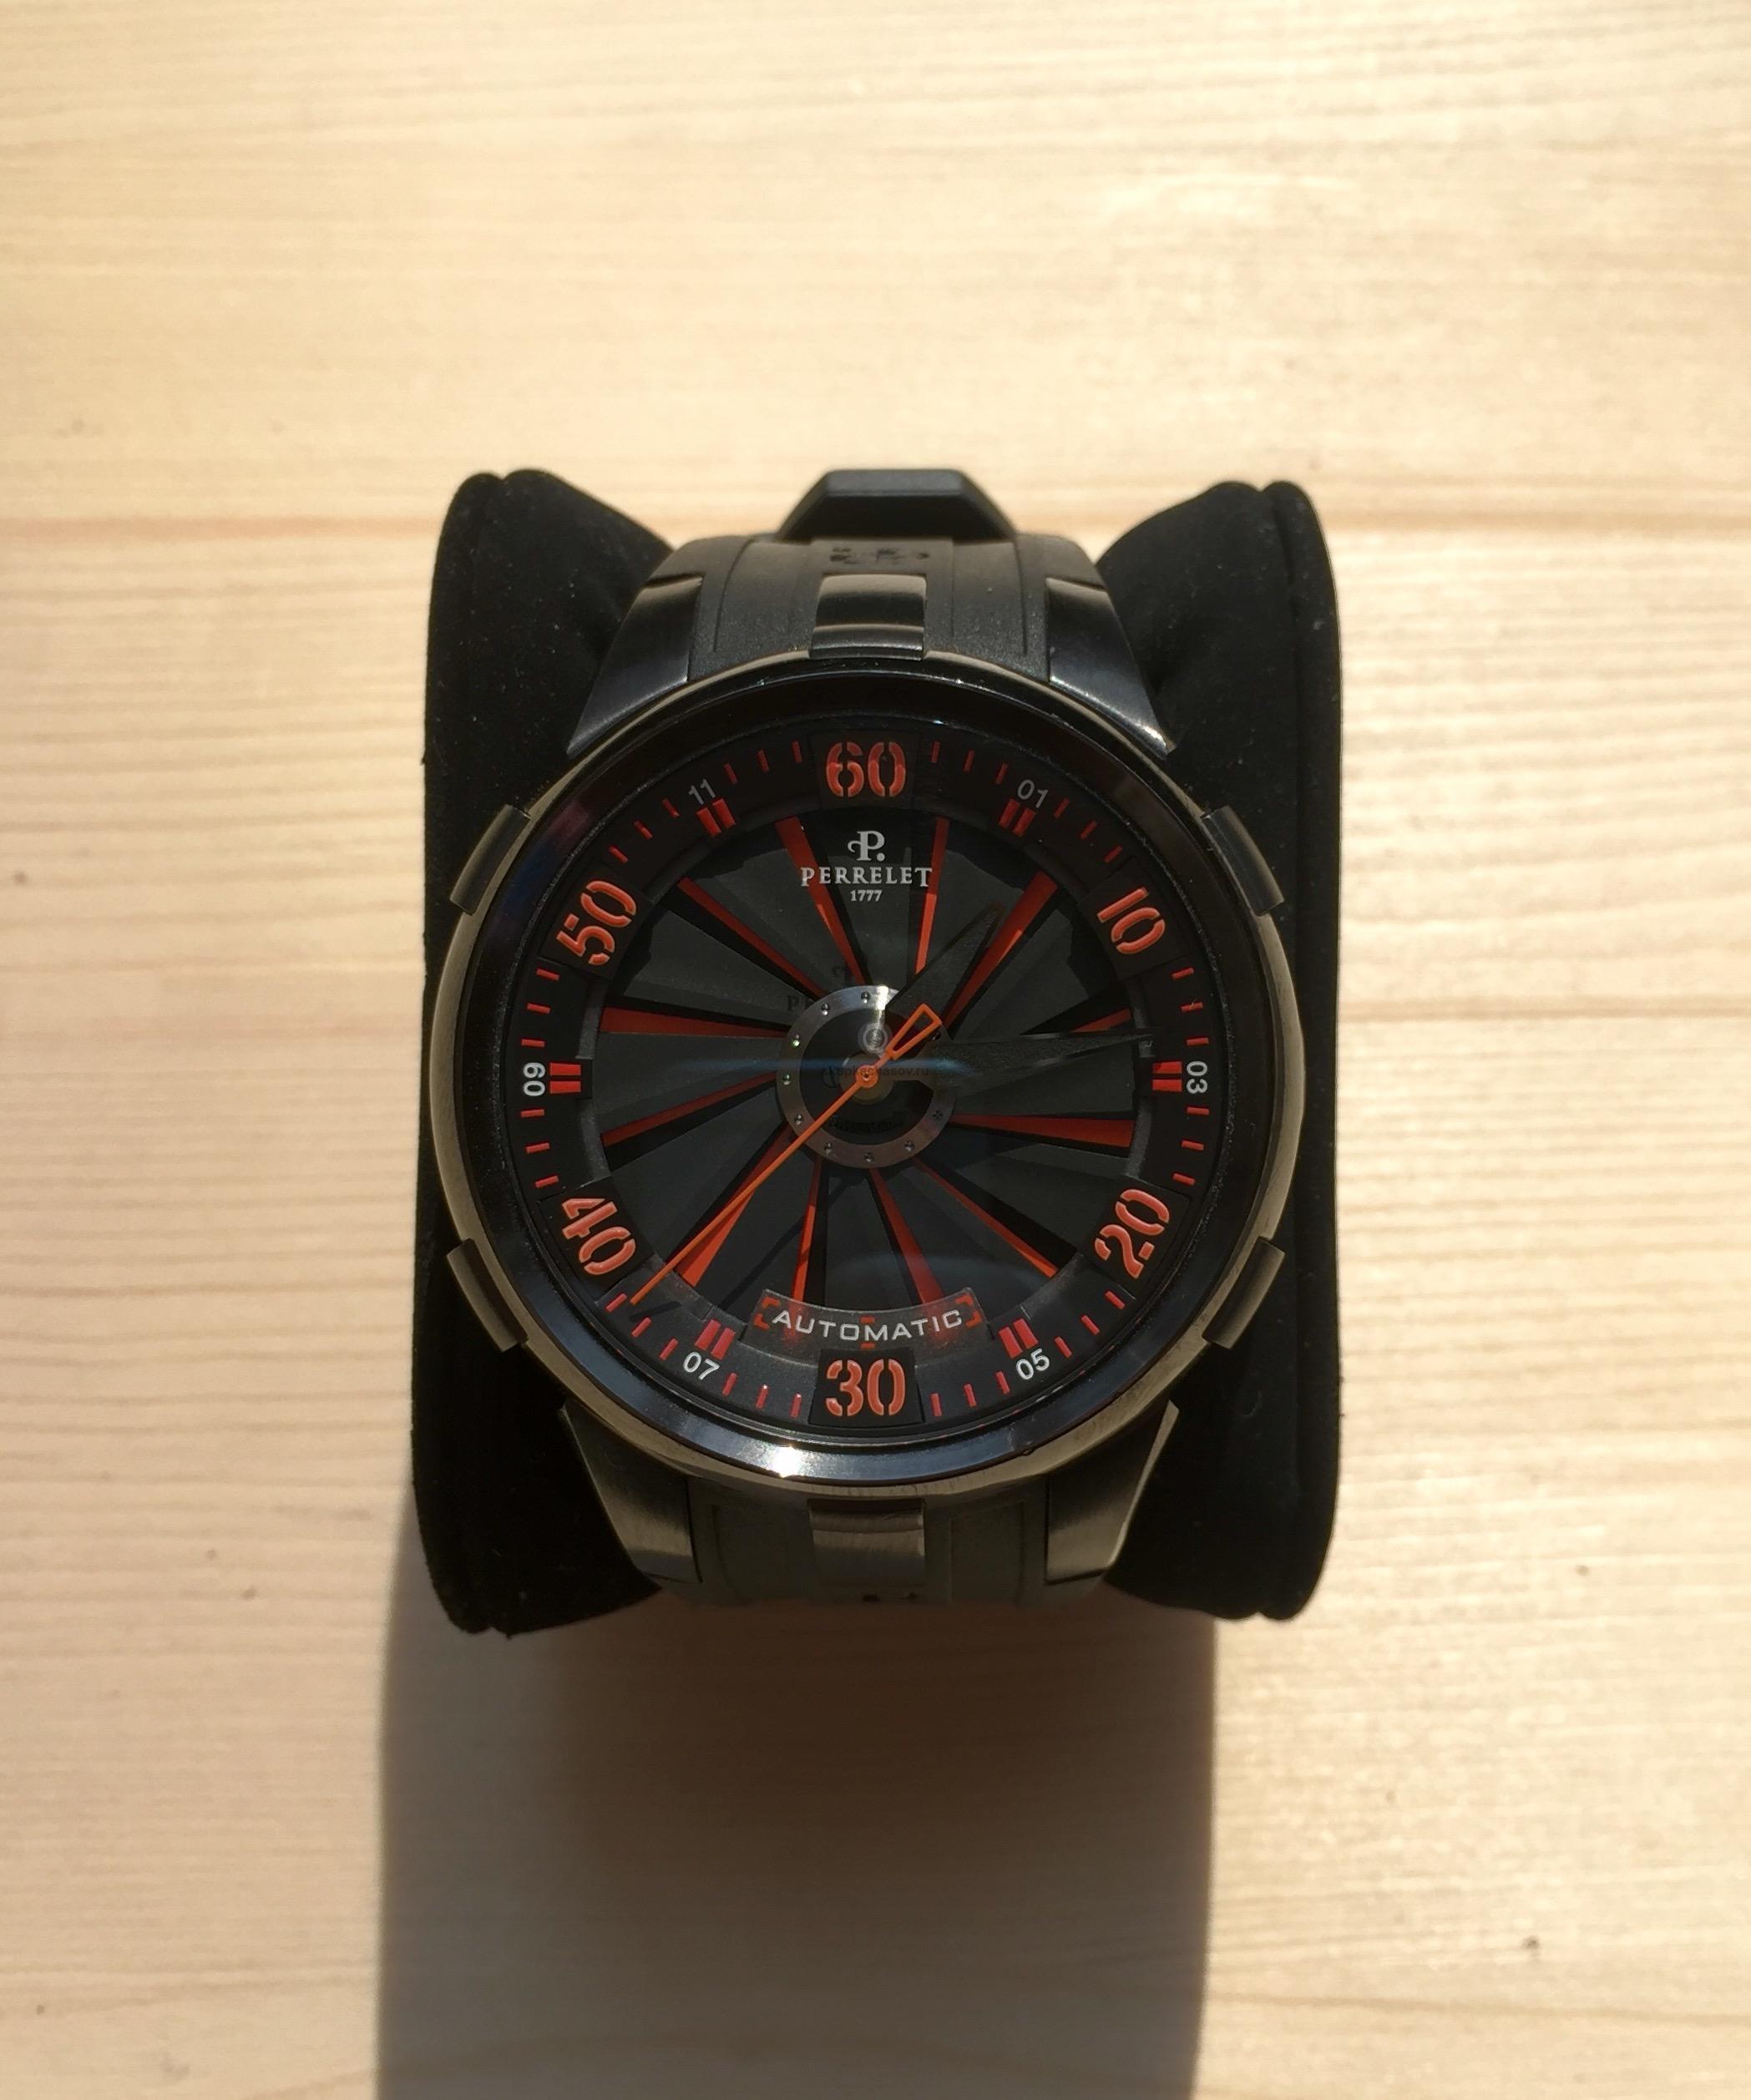 Купить наручные часы Perrelet Turbine XL в Часовой ломбард